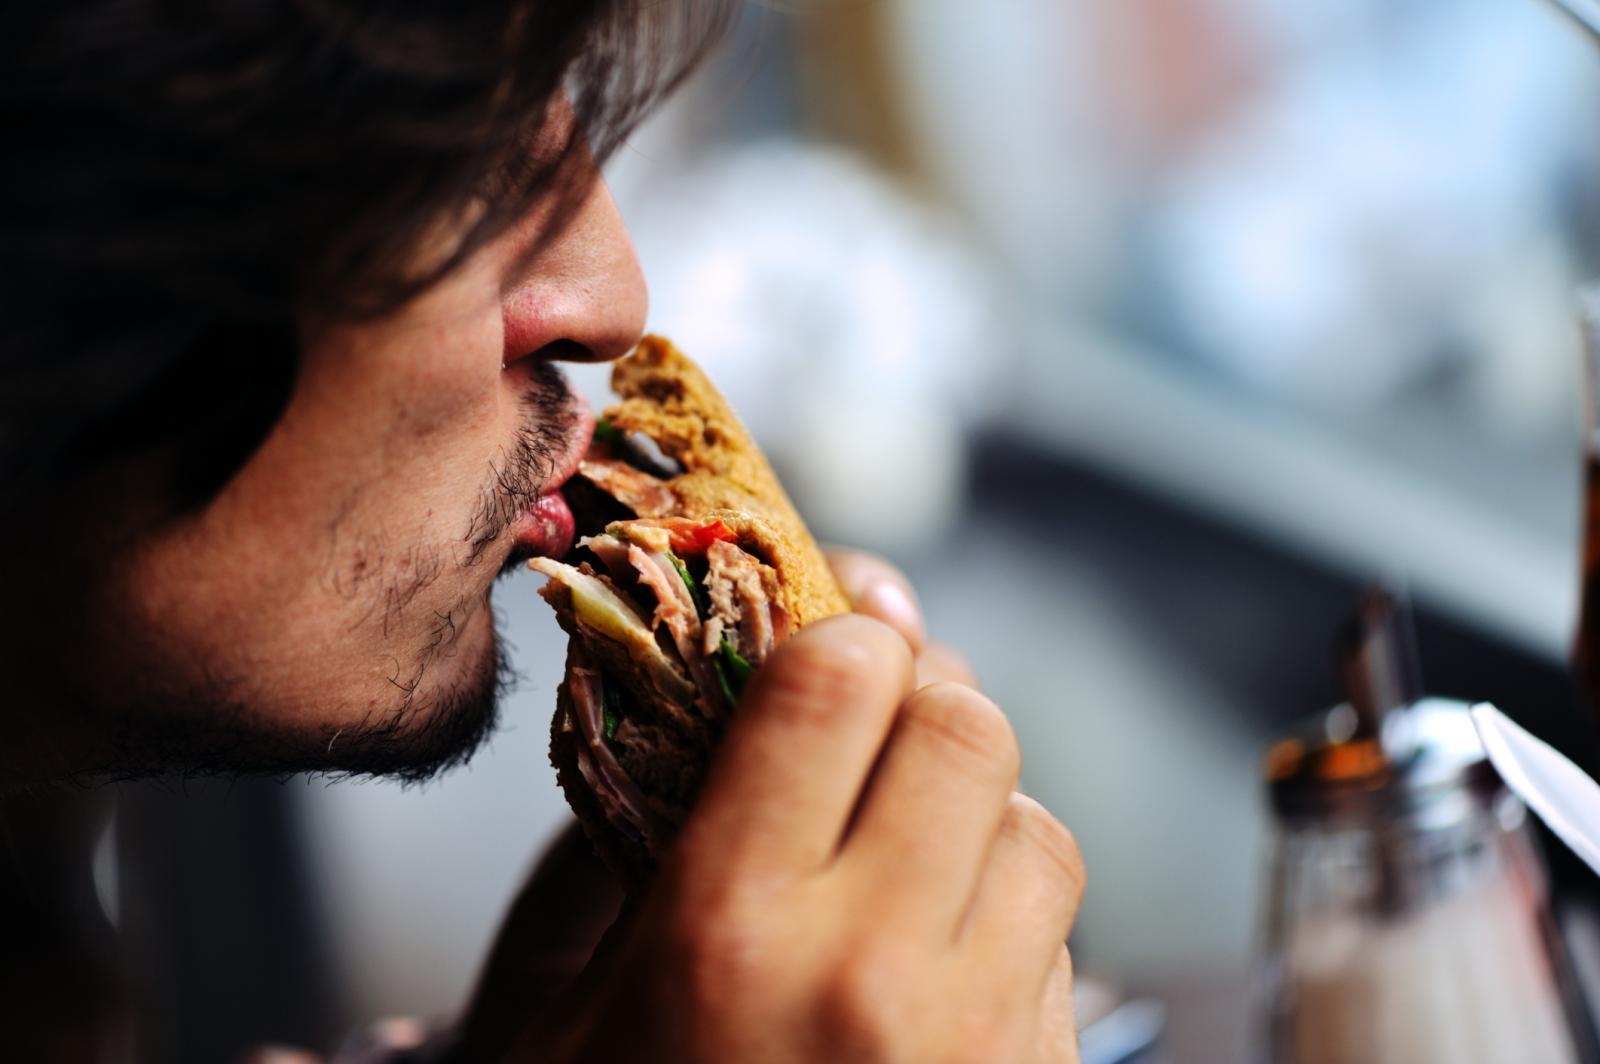 Hrana životinjskog podrijetla nije dobar izbor želite li se riješiti ovog 'daveža'.